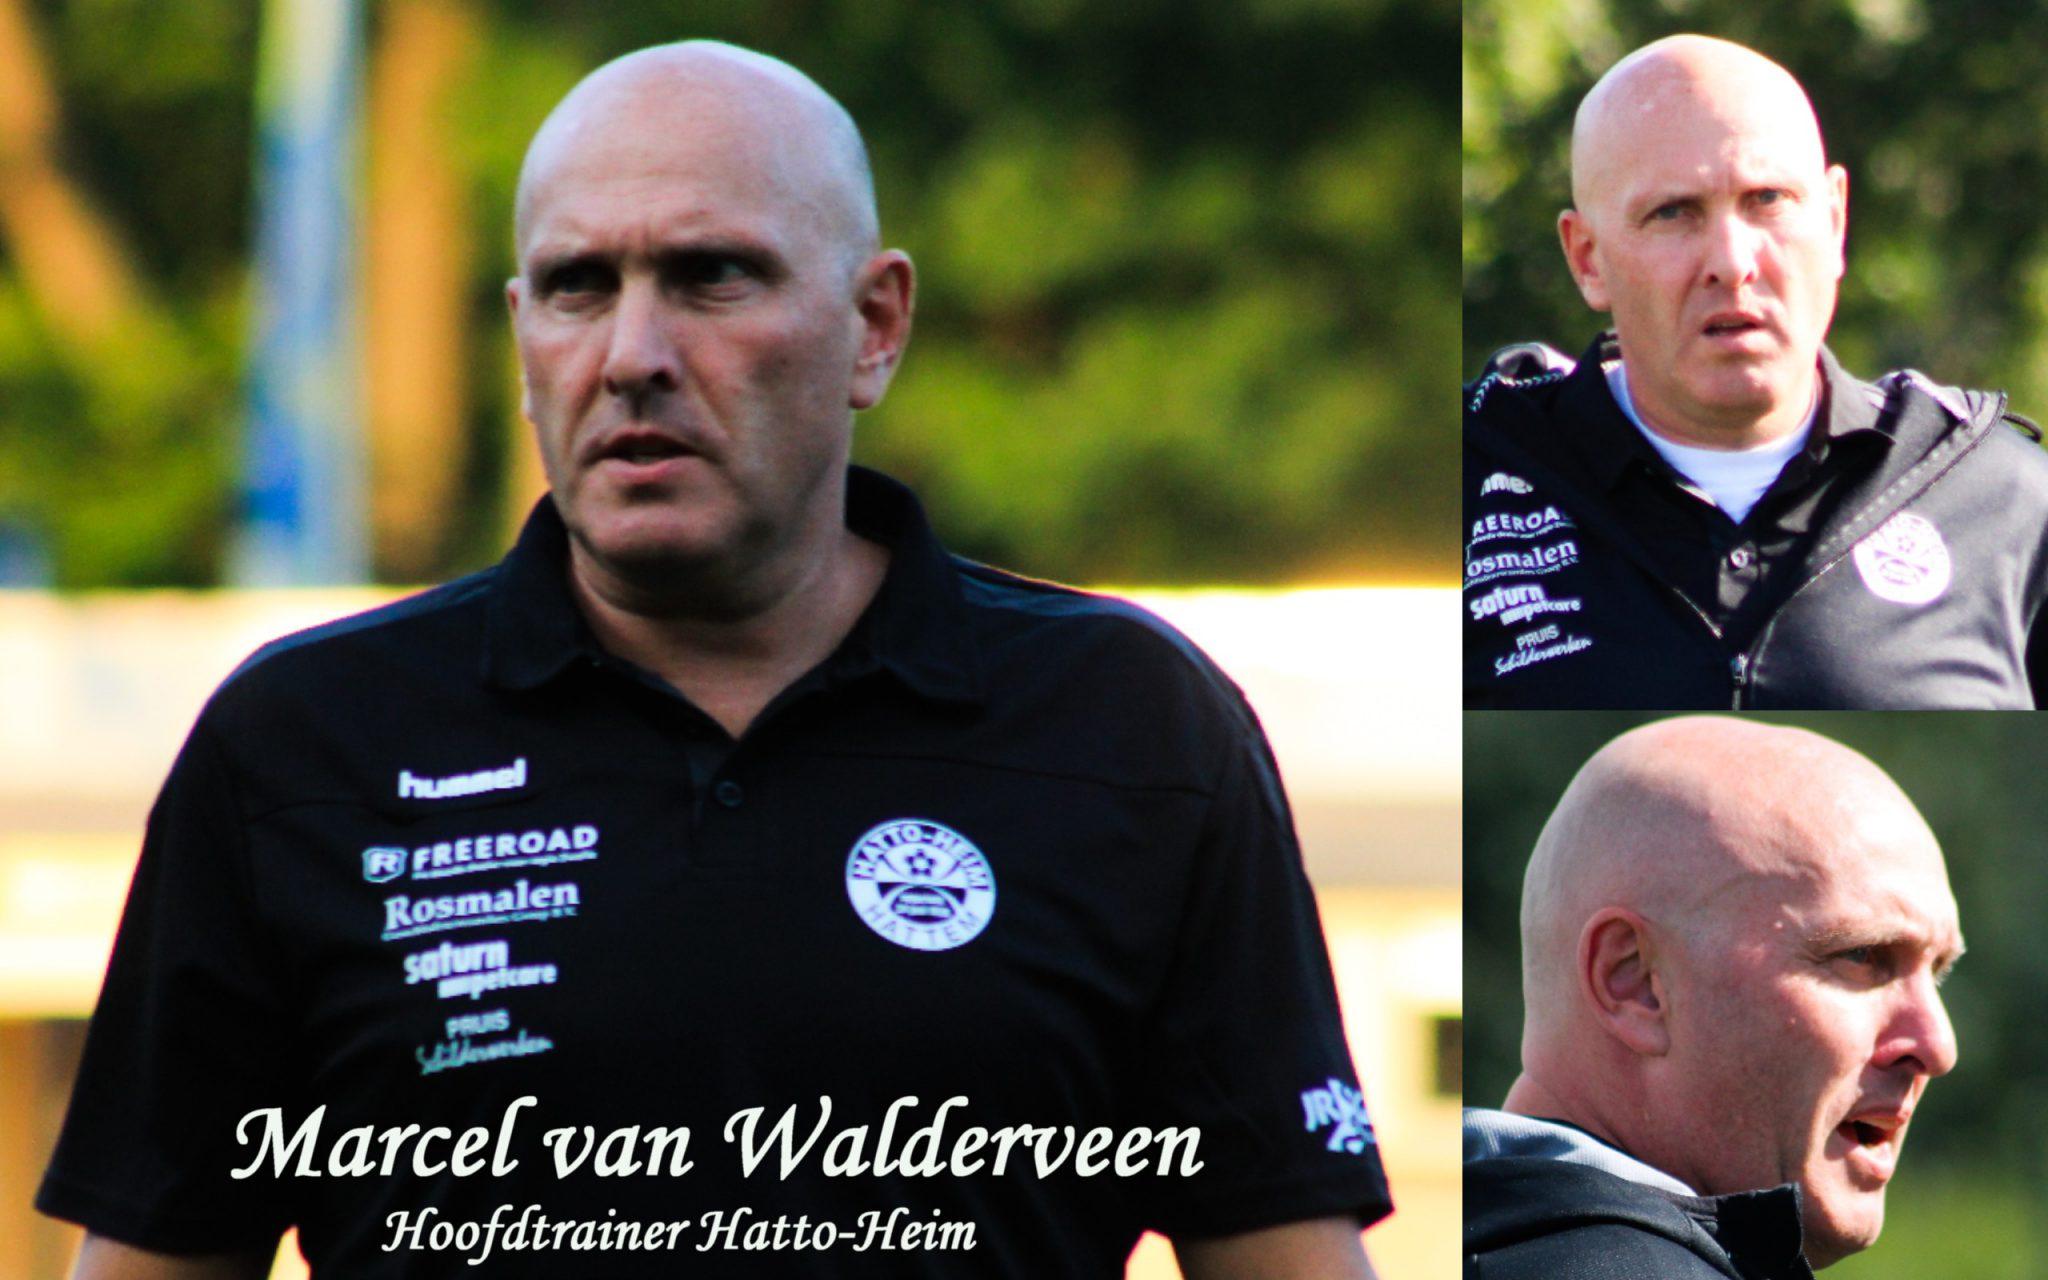 Sv Hatto-Heim en Van Walderveen blij met elkaar.